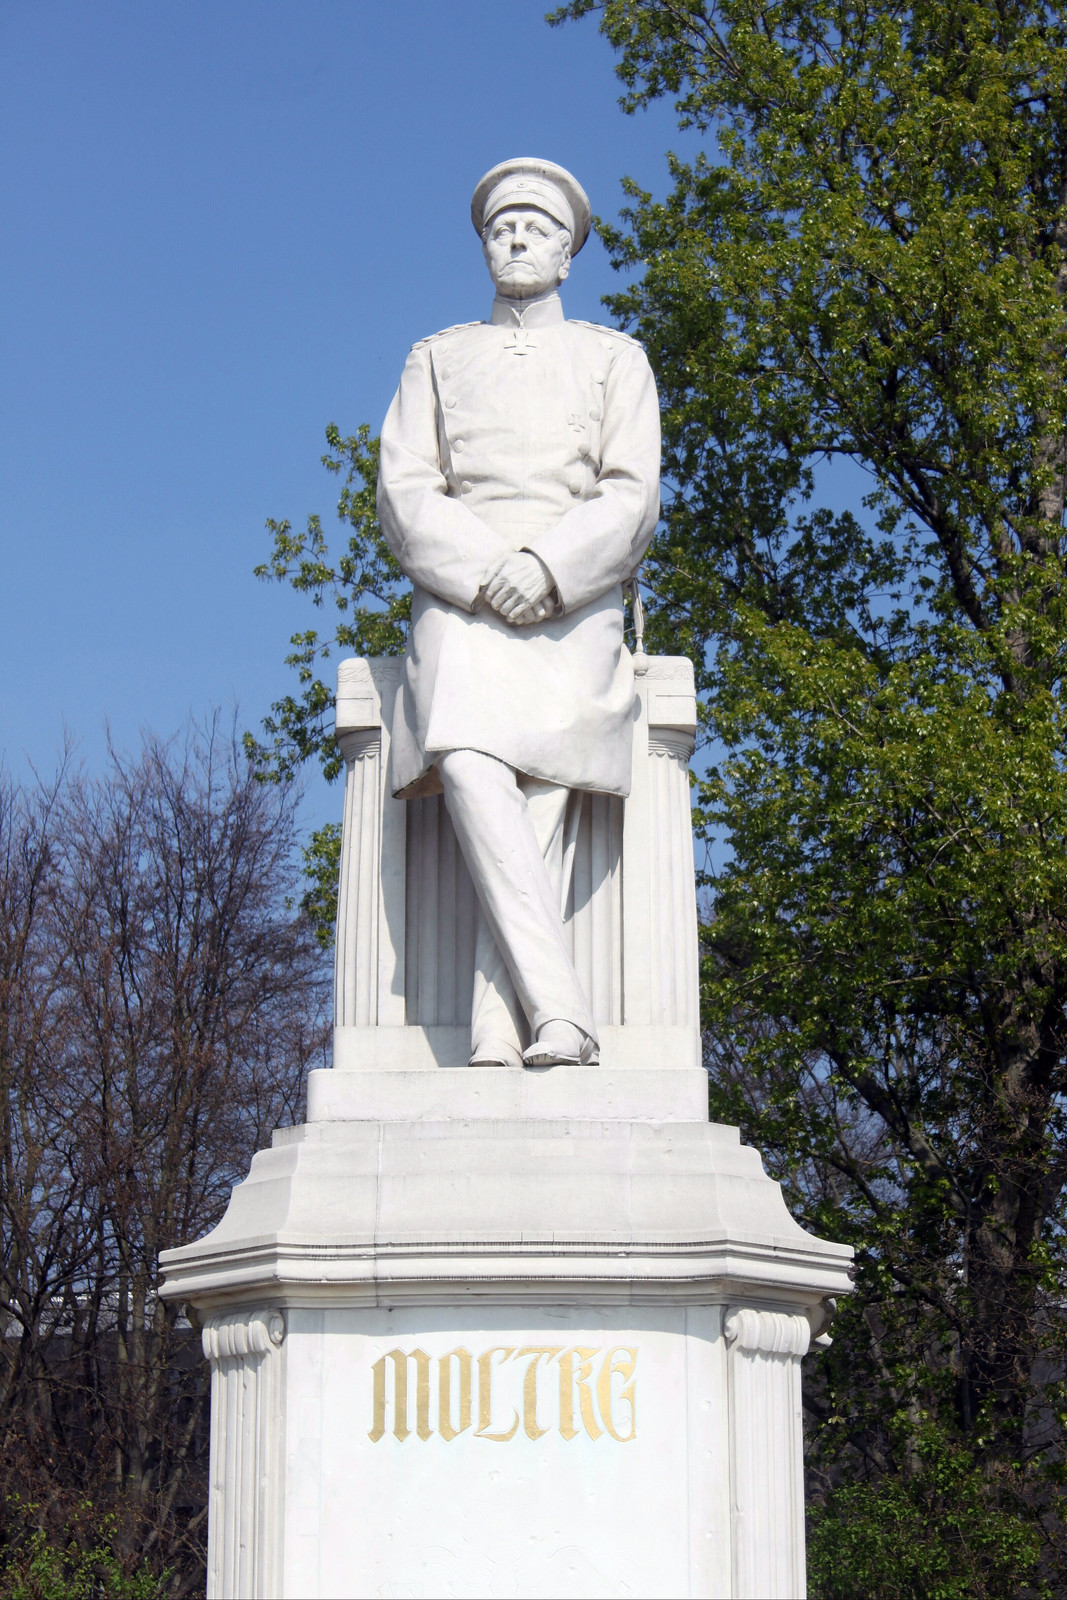 Das Moltke-Denkmal im Berliner Tiergarten